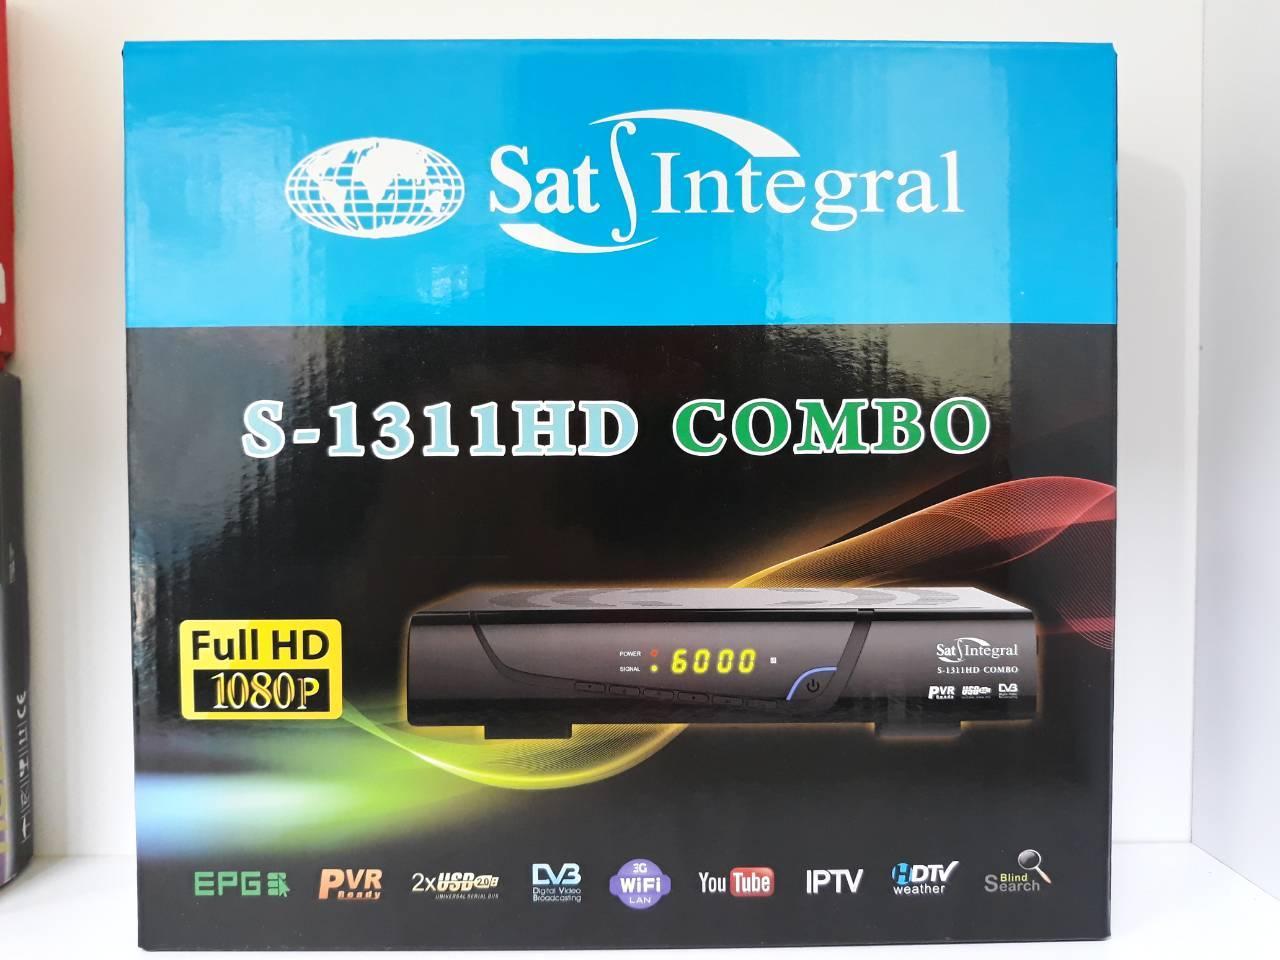 Sat-Integral S-1311 HD COMBO (спутниковый тюнер,цифровой эфирный DVB-T2 тюнер)